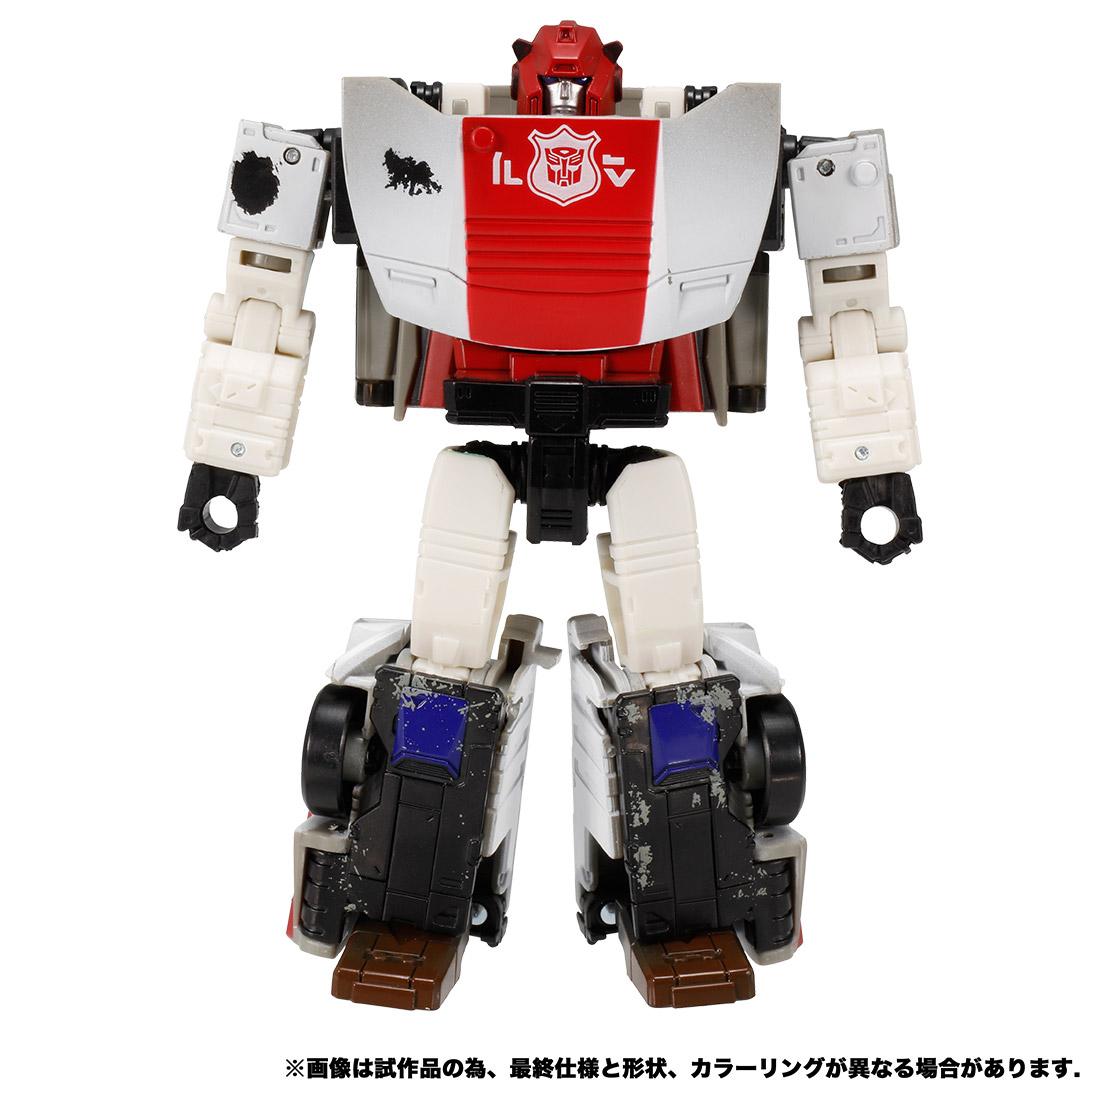 トランスフォーマー ウォーフォーサイバトロン『WFC-13 レッドアラート』可変可動フィギュア-004